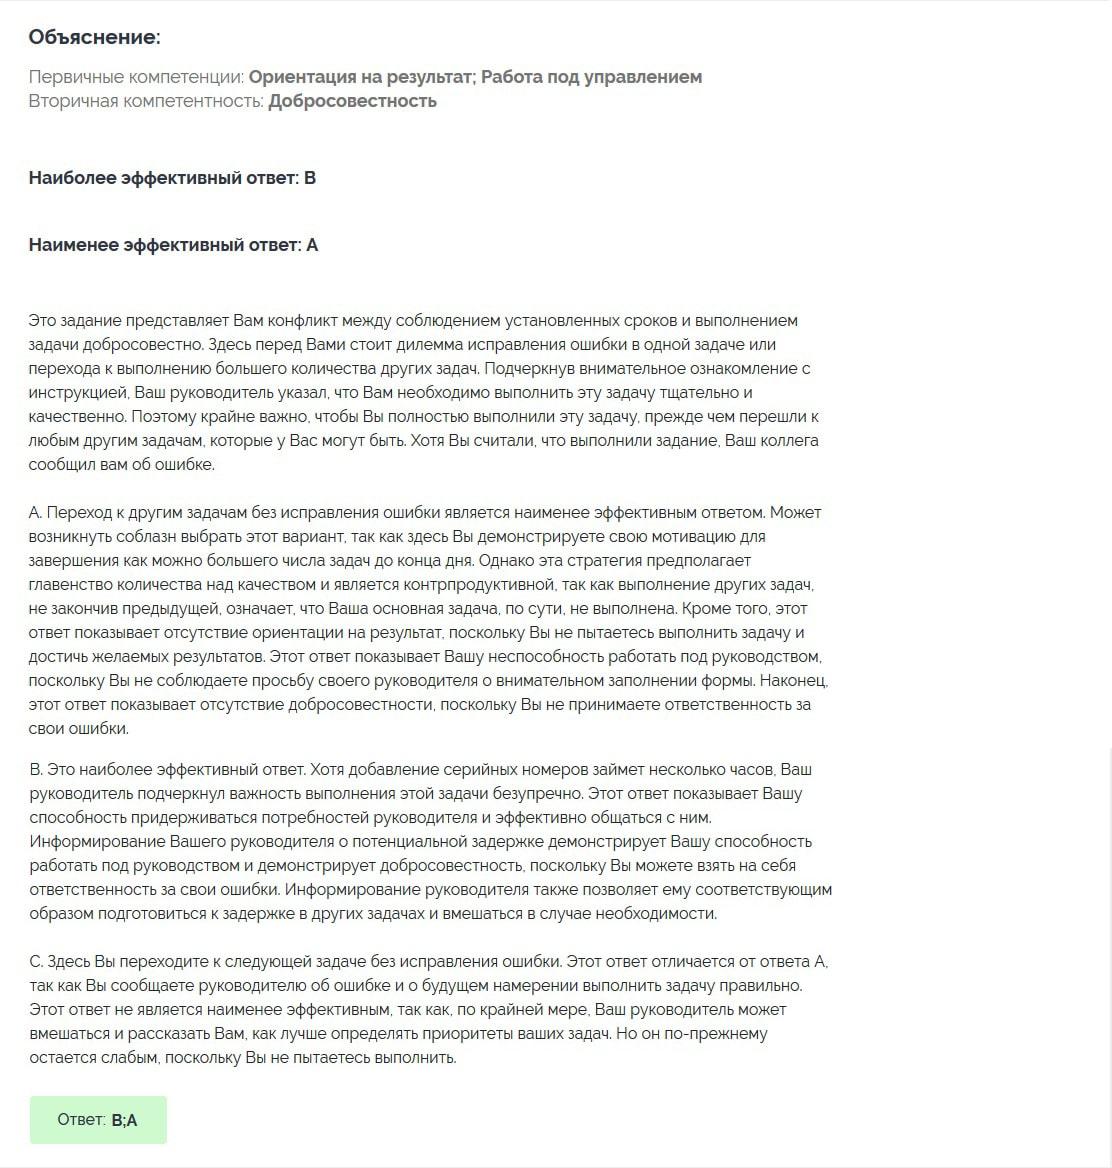 Пример теста при приеме на работу в производственные компании